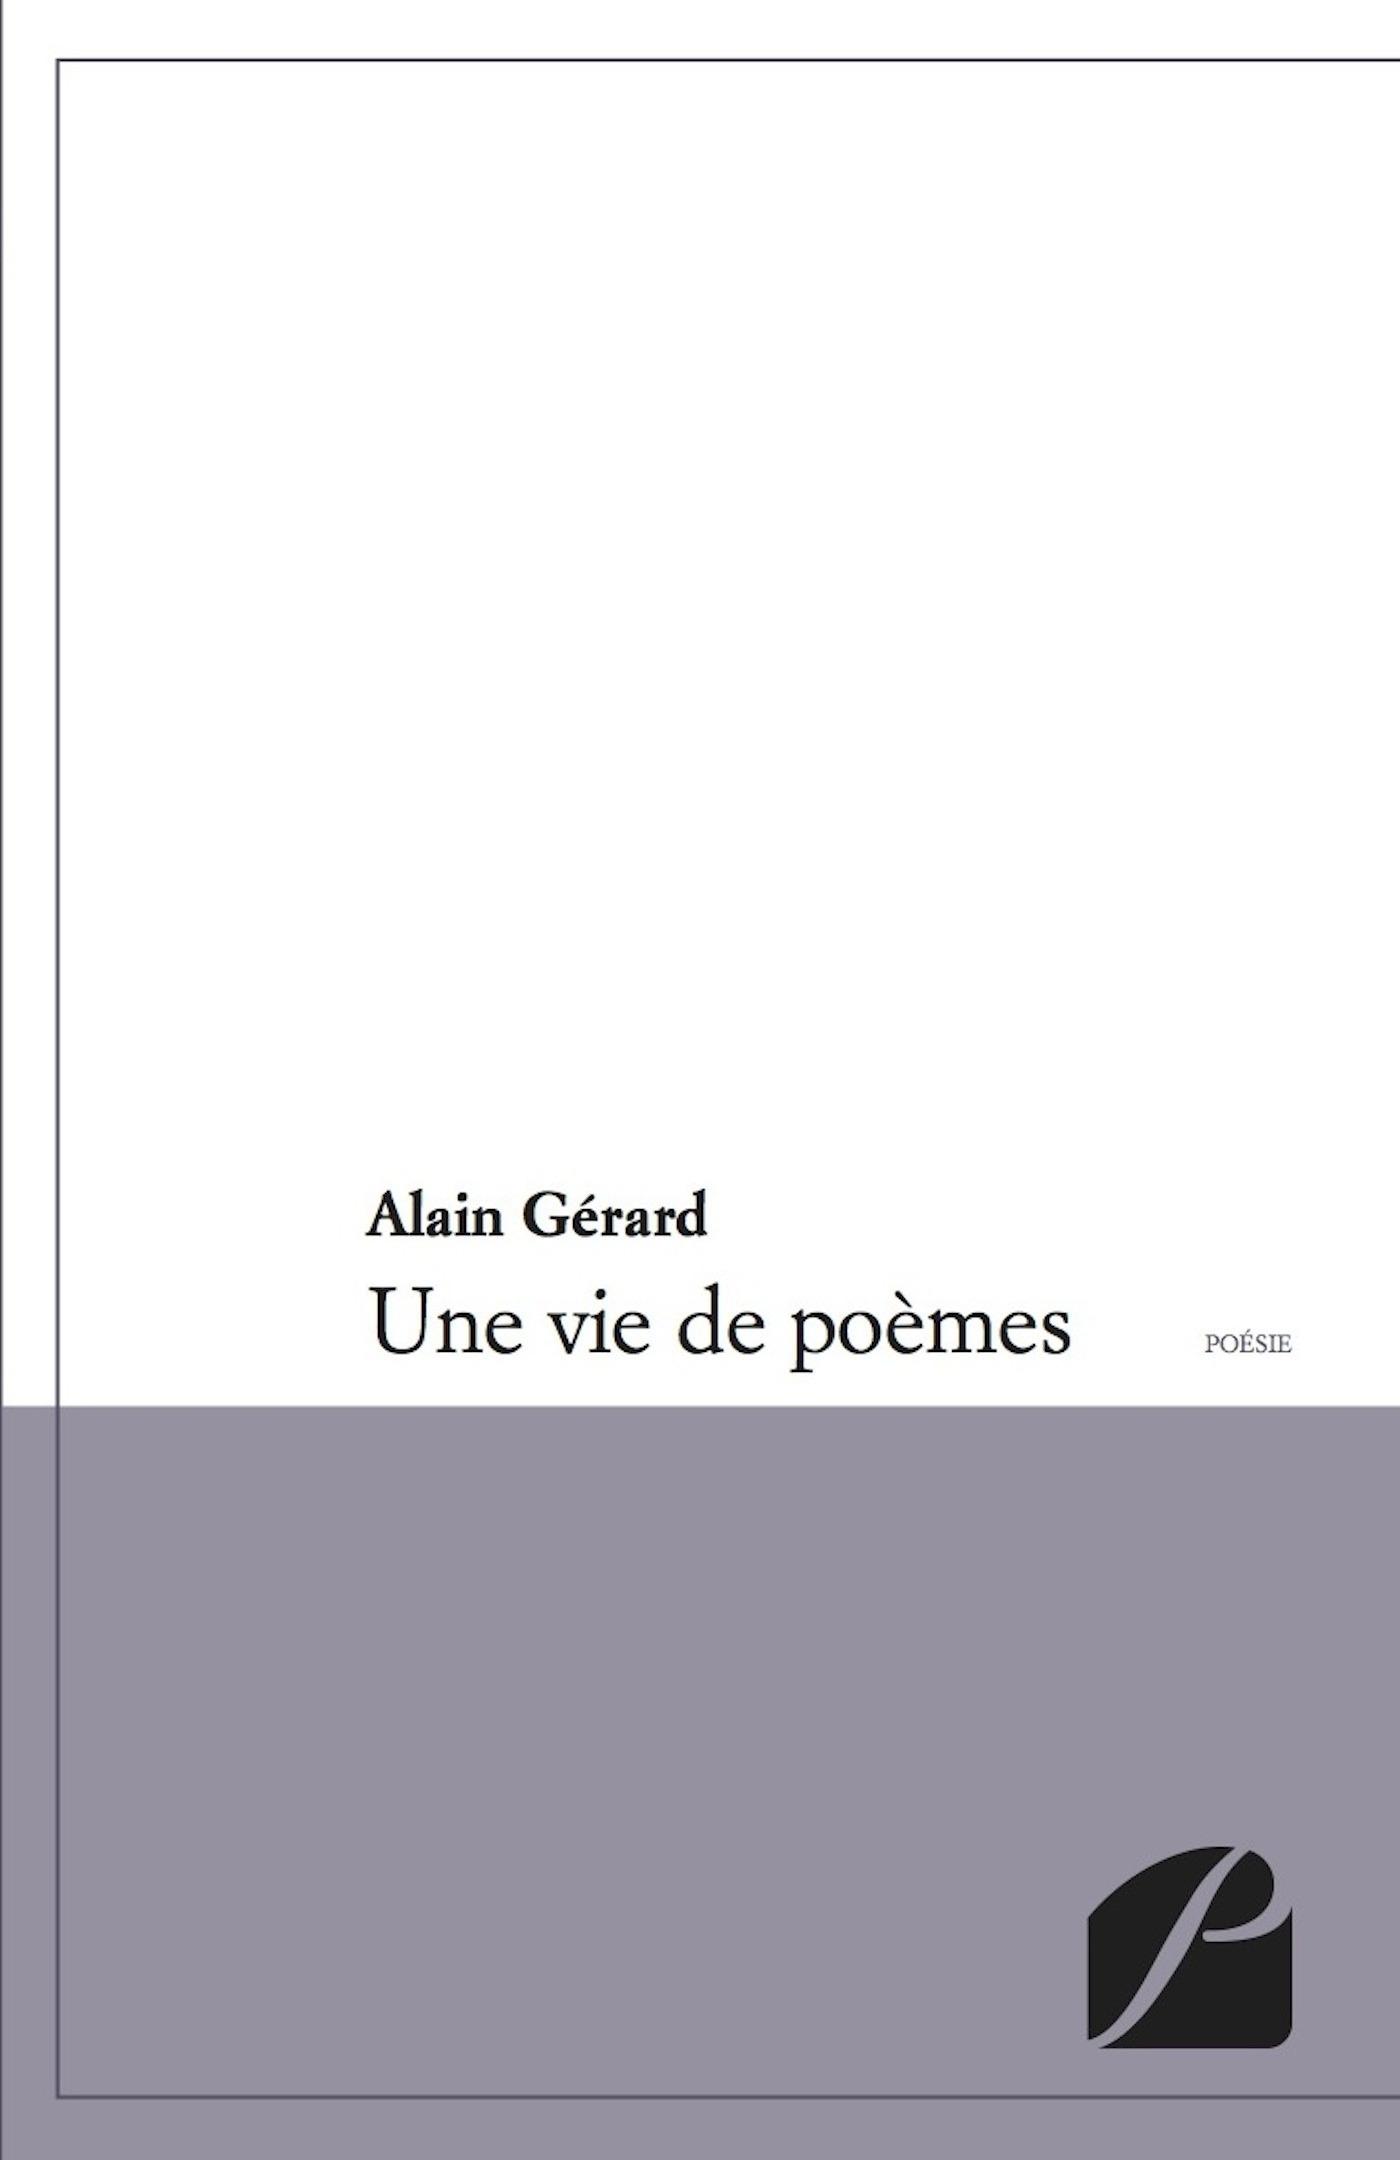 Une vie de poèmes...